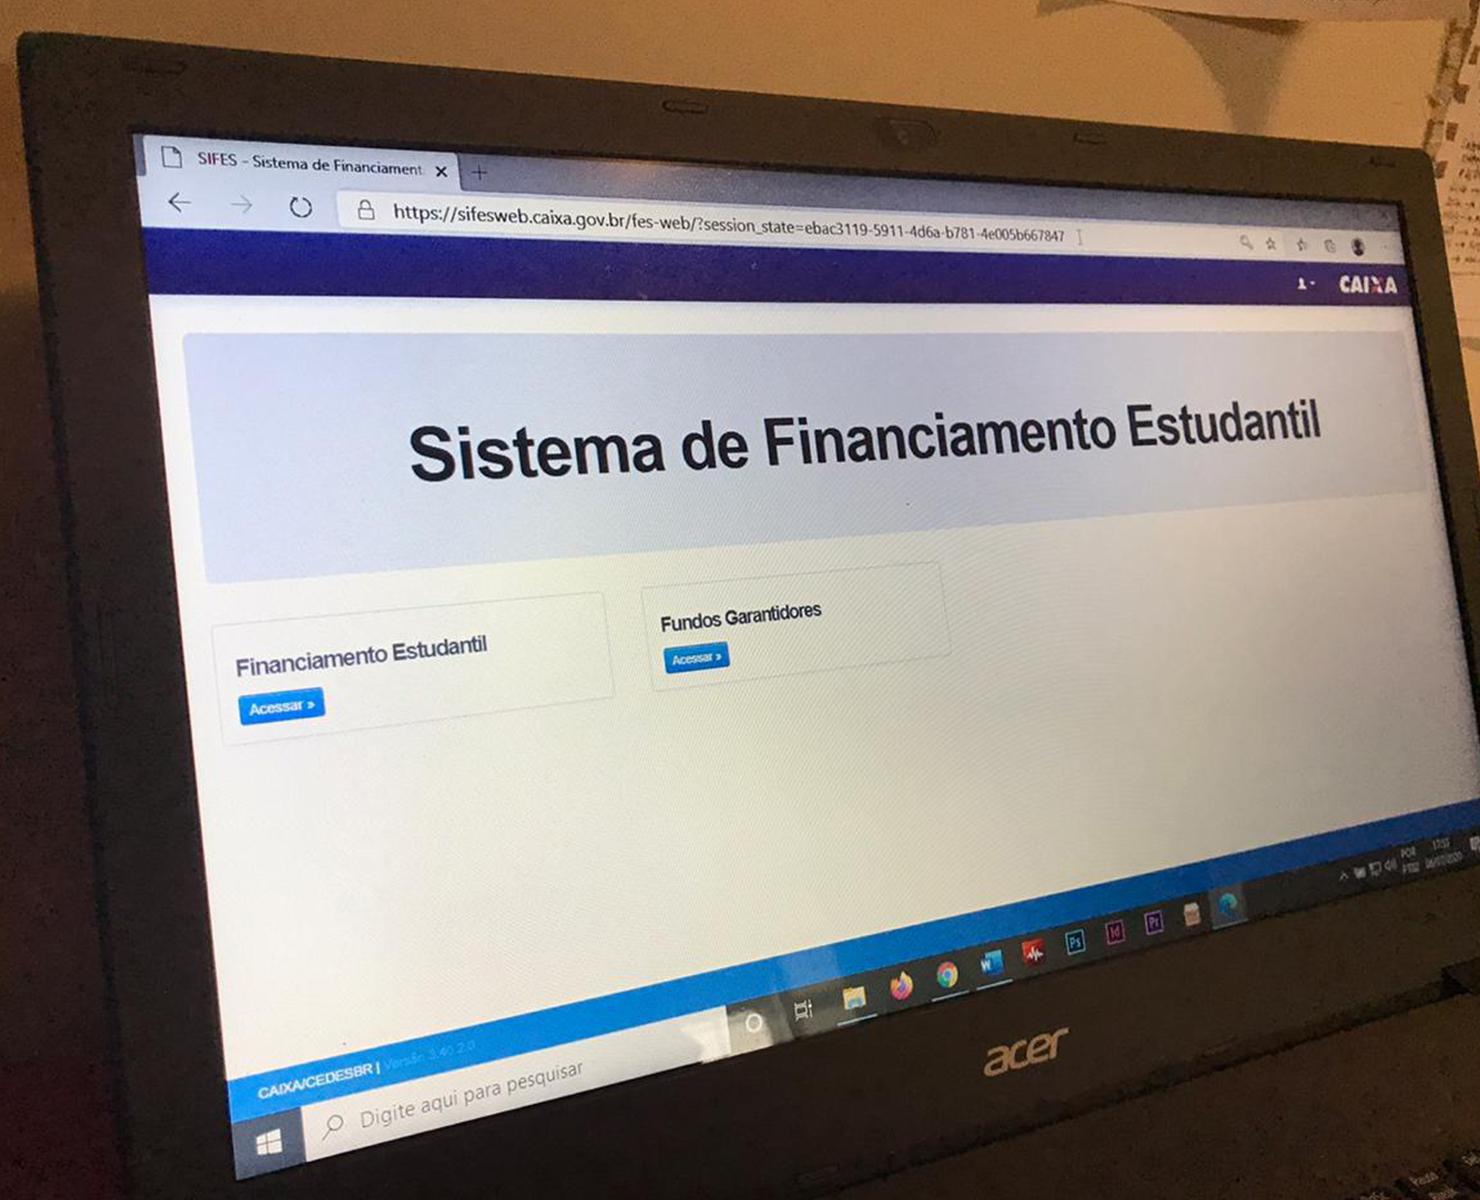 FIES: ESTUDANTES PODEM SOLICITAR PAUSA NAS PARCELAS